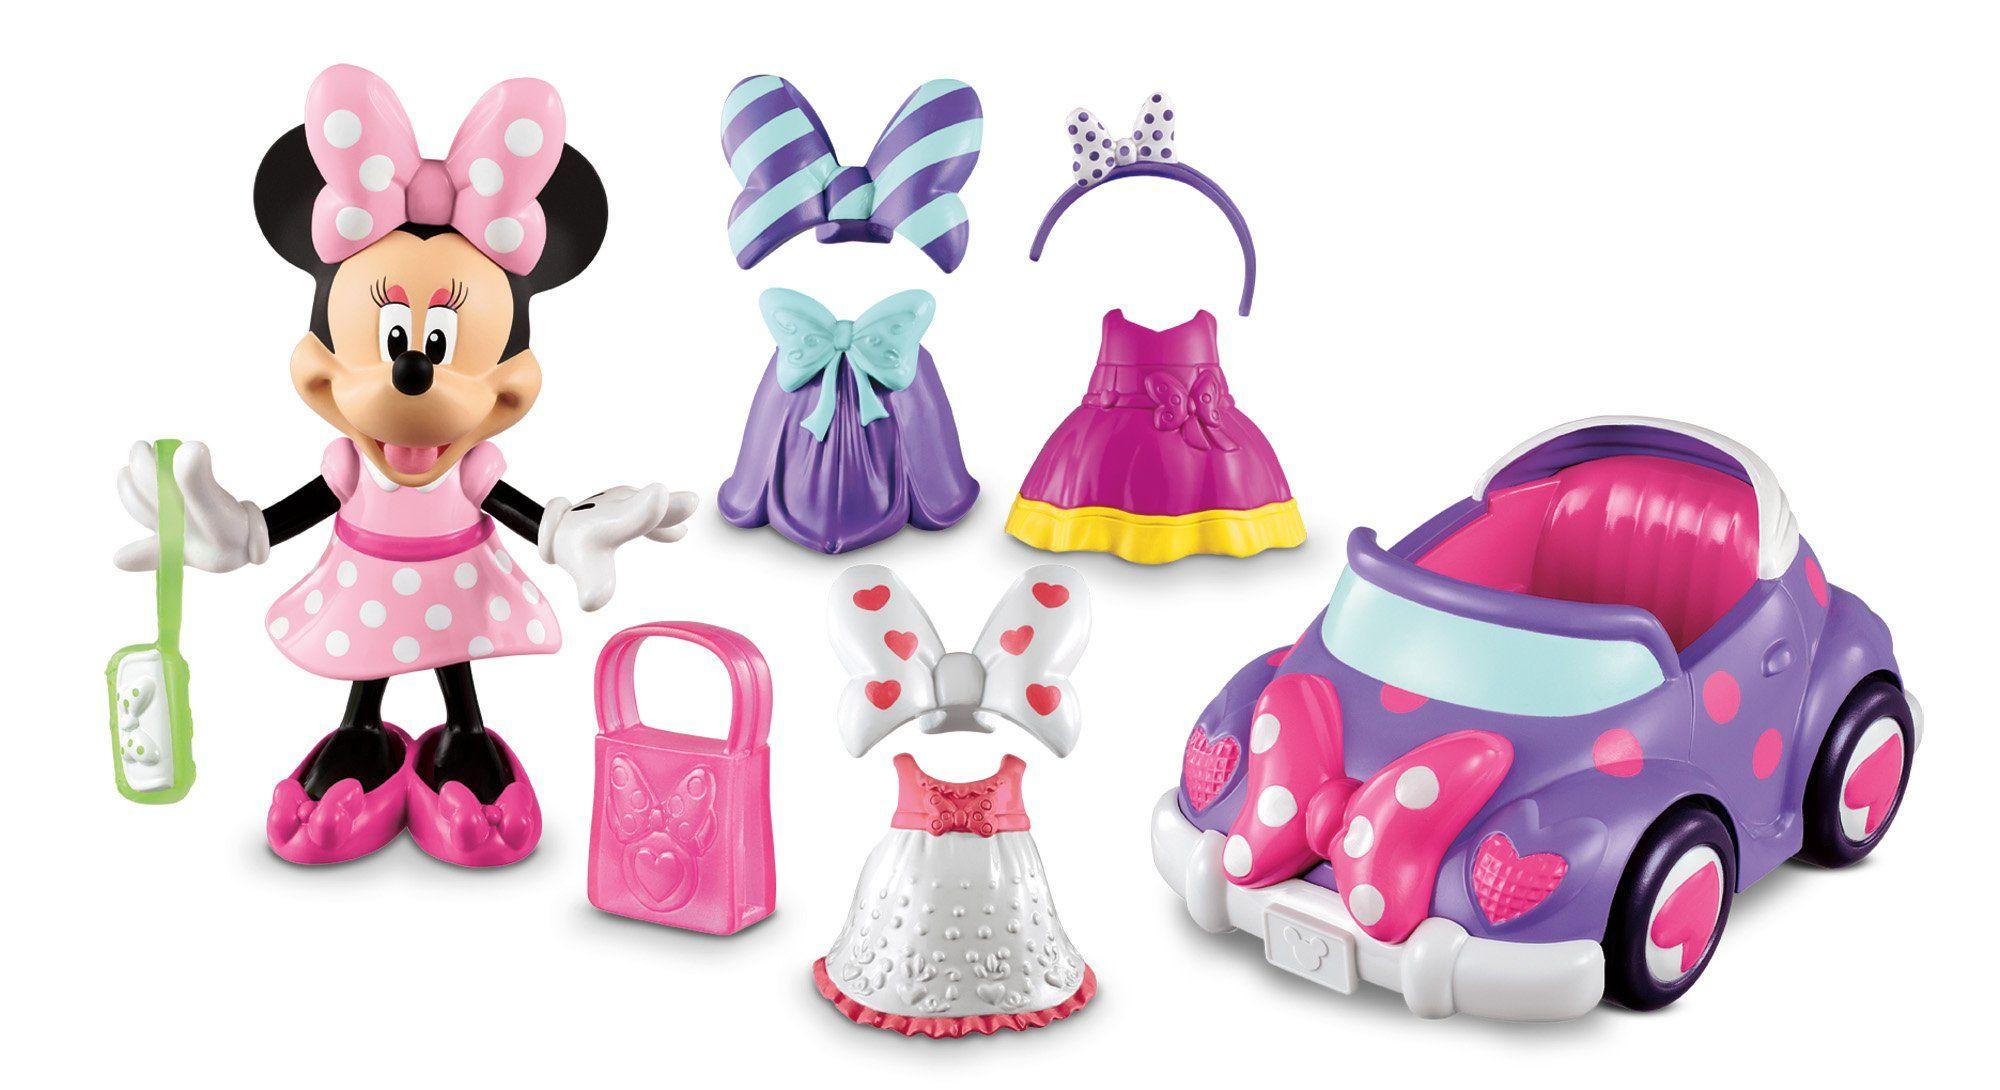 La Casa De Mickey Mouse - Descapotable de Minnie (Mattel Y1892) | W ...